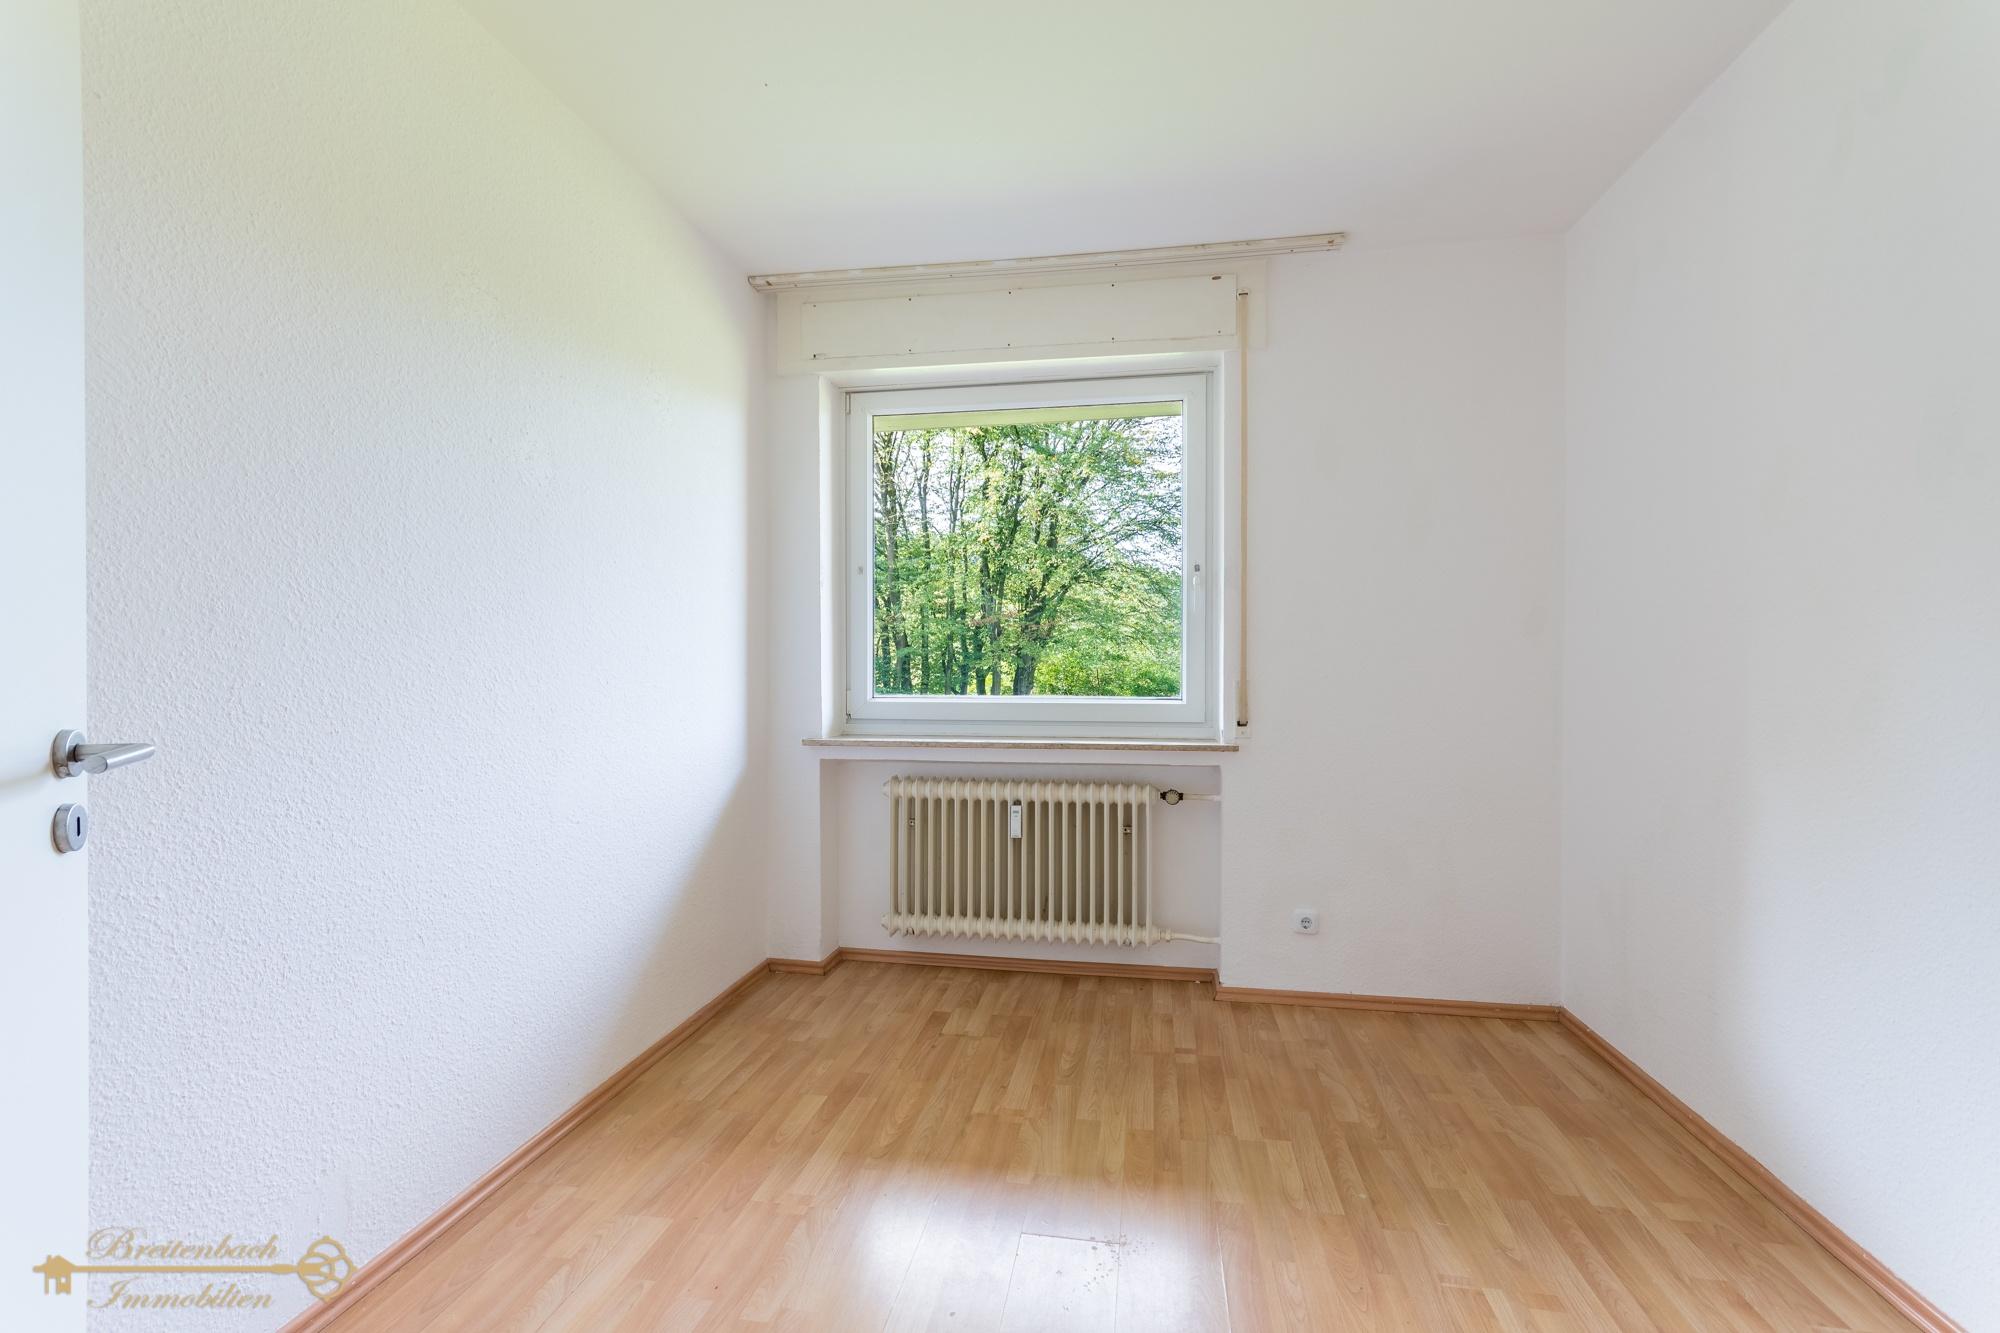 2020-09-26-Breitenbach-Immobilien-8